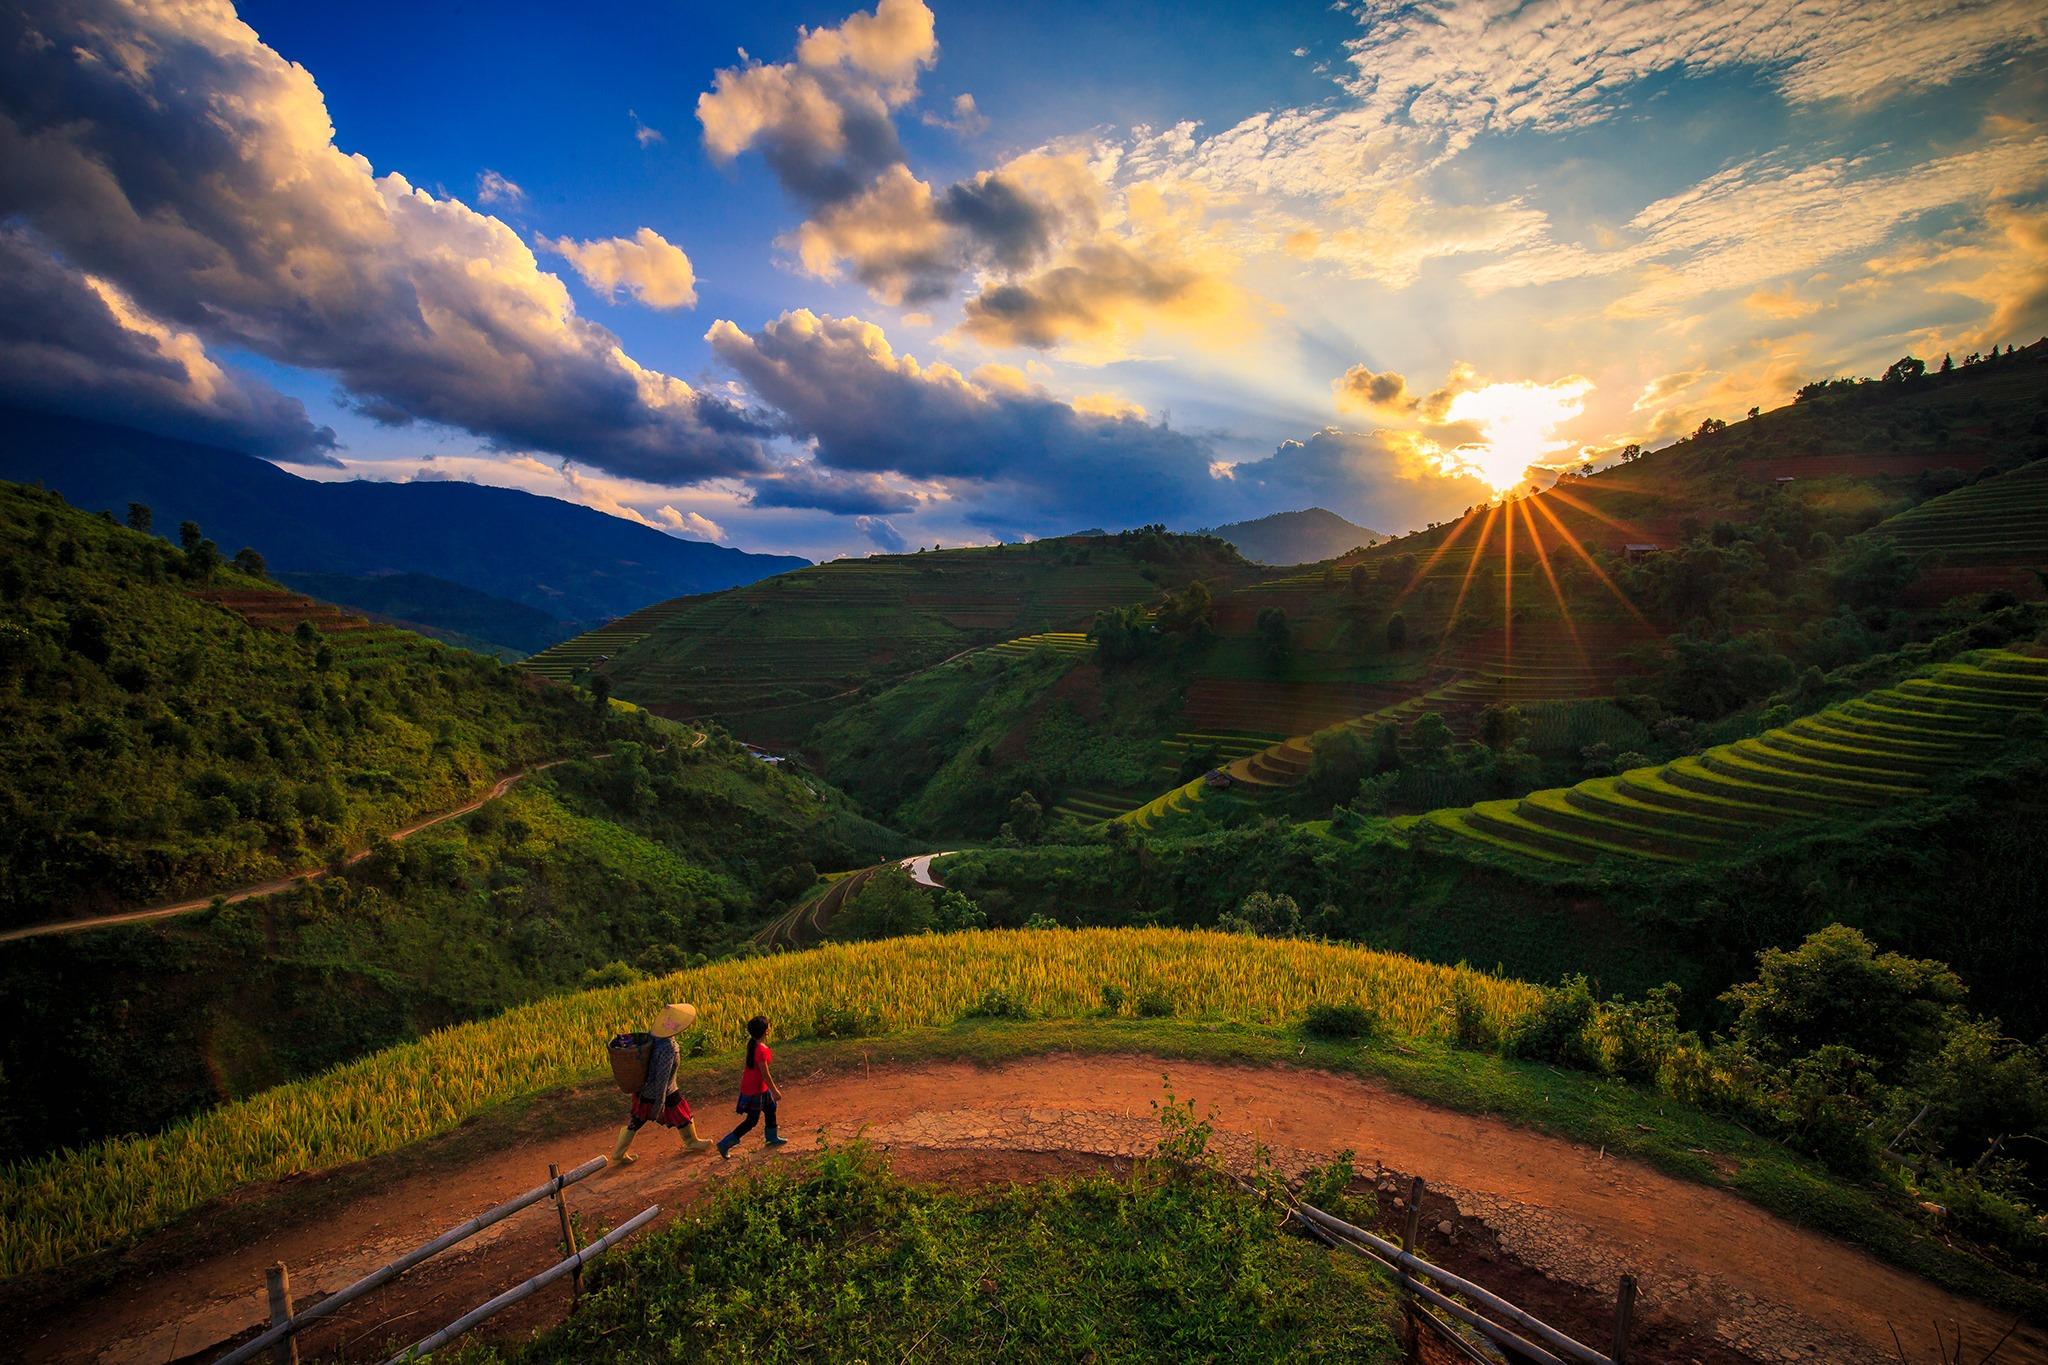 Xu-mu-lung-linh-trong-nhung-ngay-nuoc-do-vietmountain-travel1